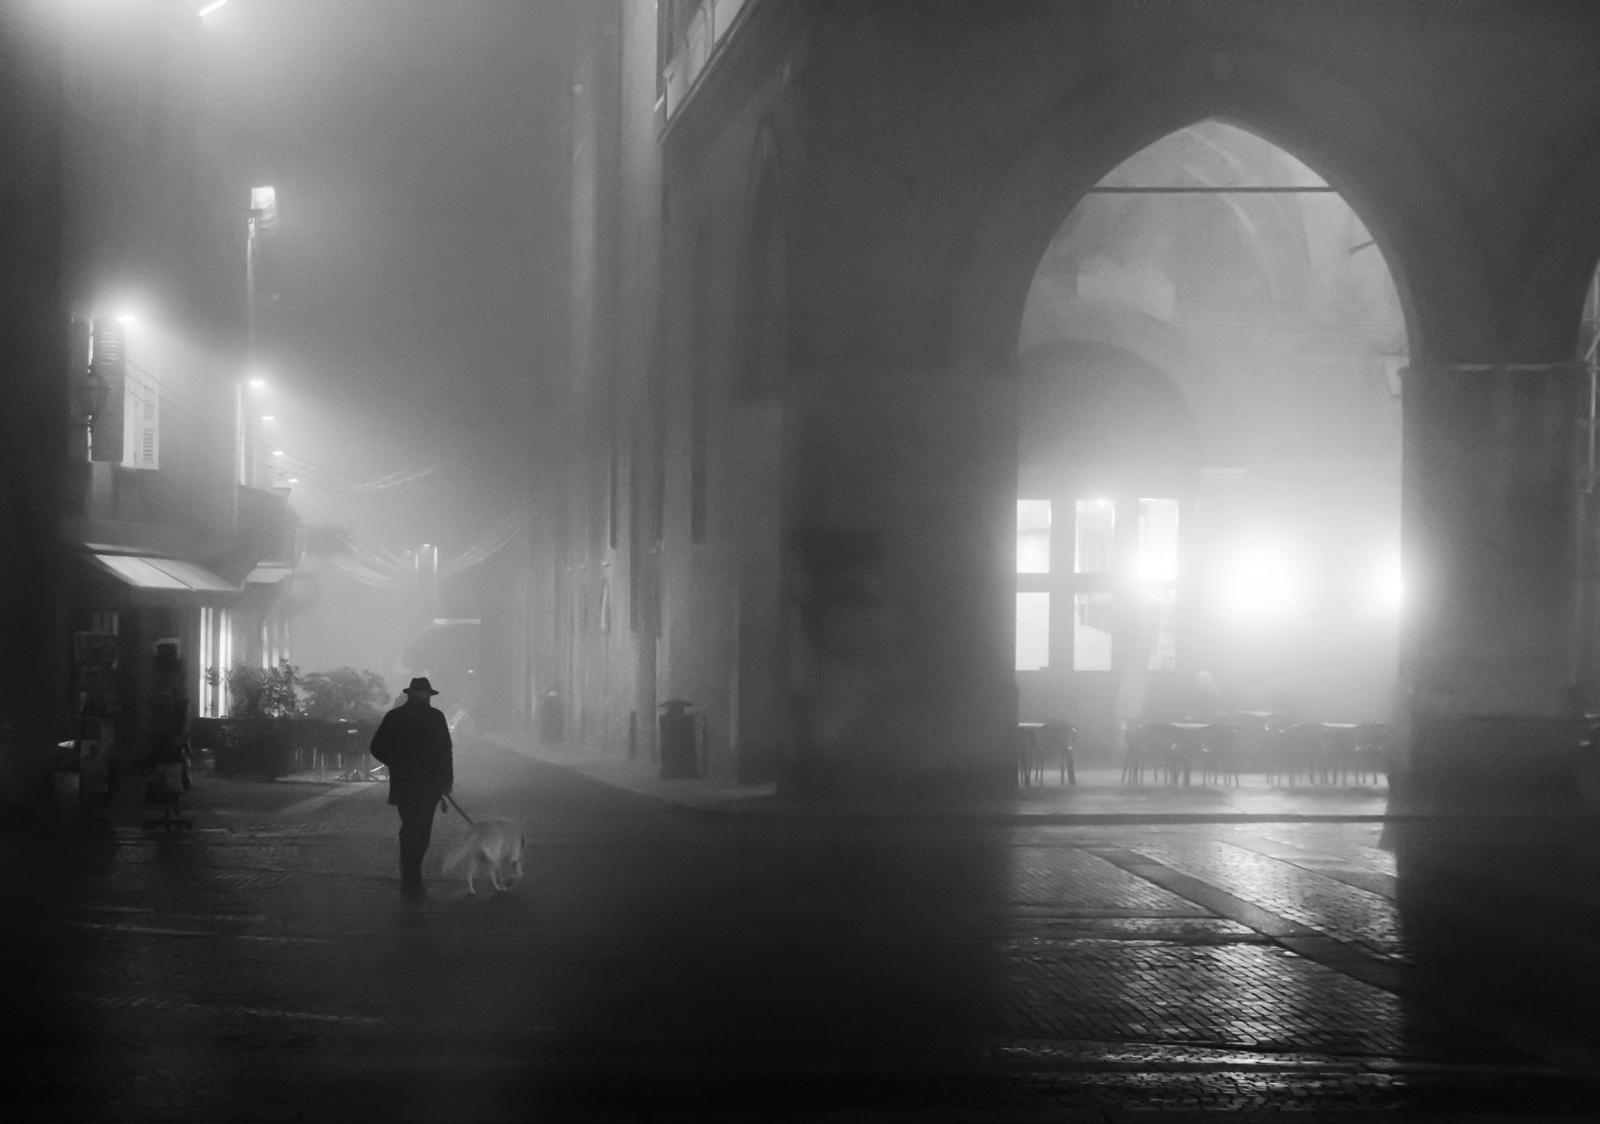 foto n 4 - Soli nella nebbia